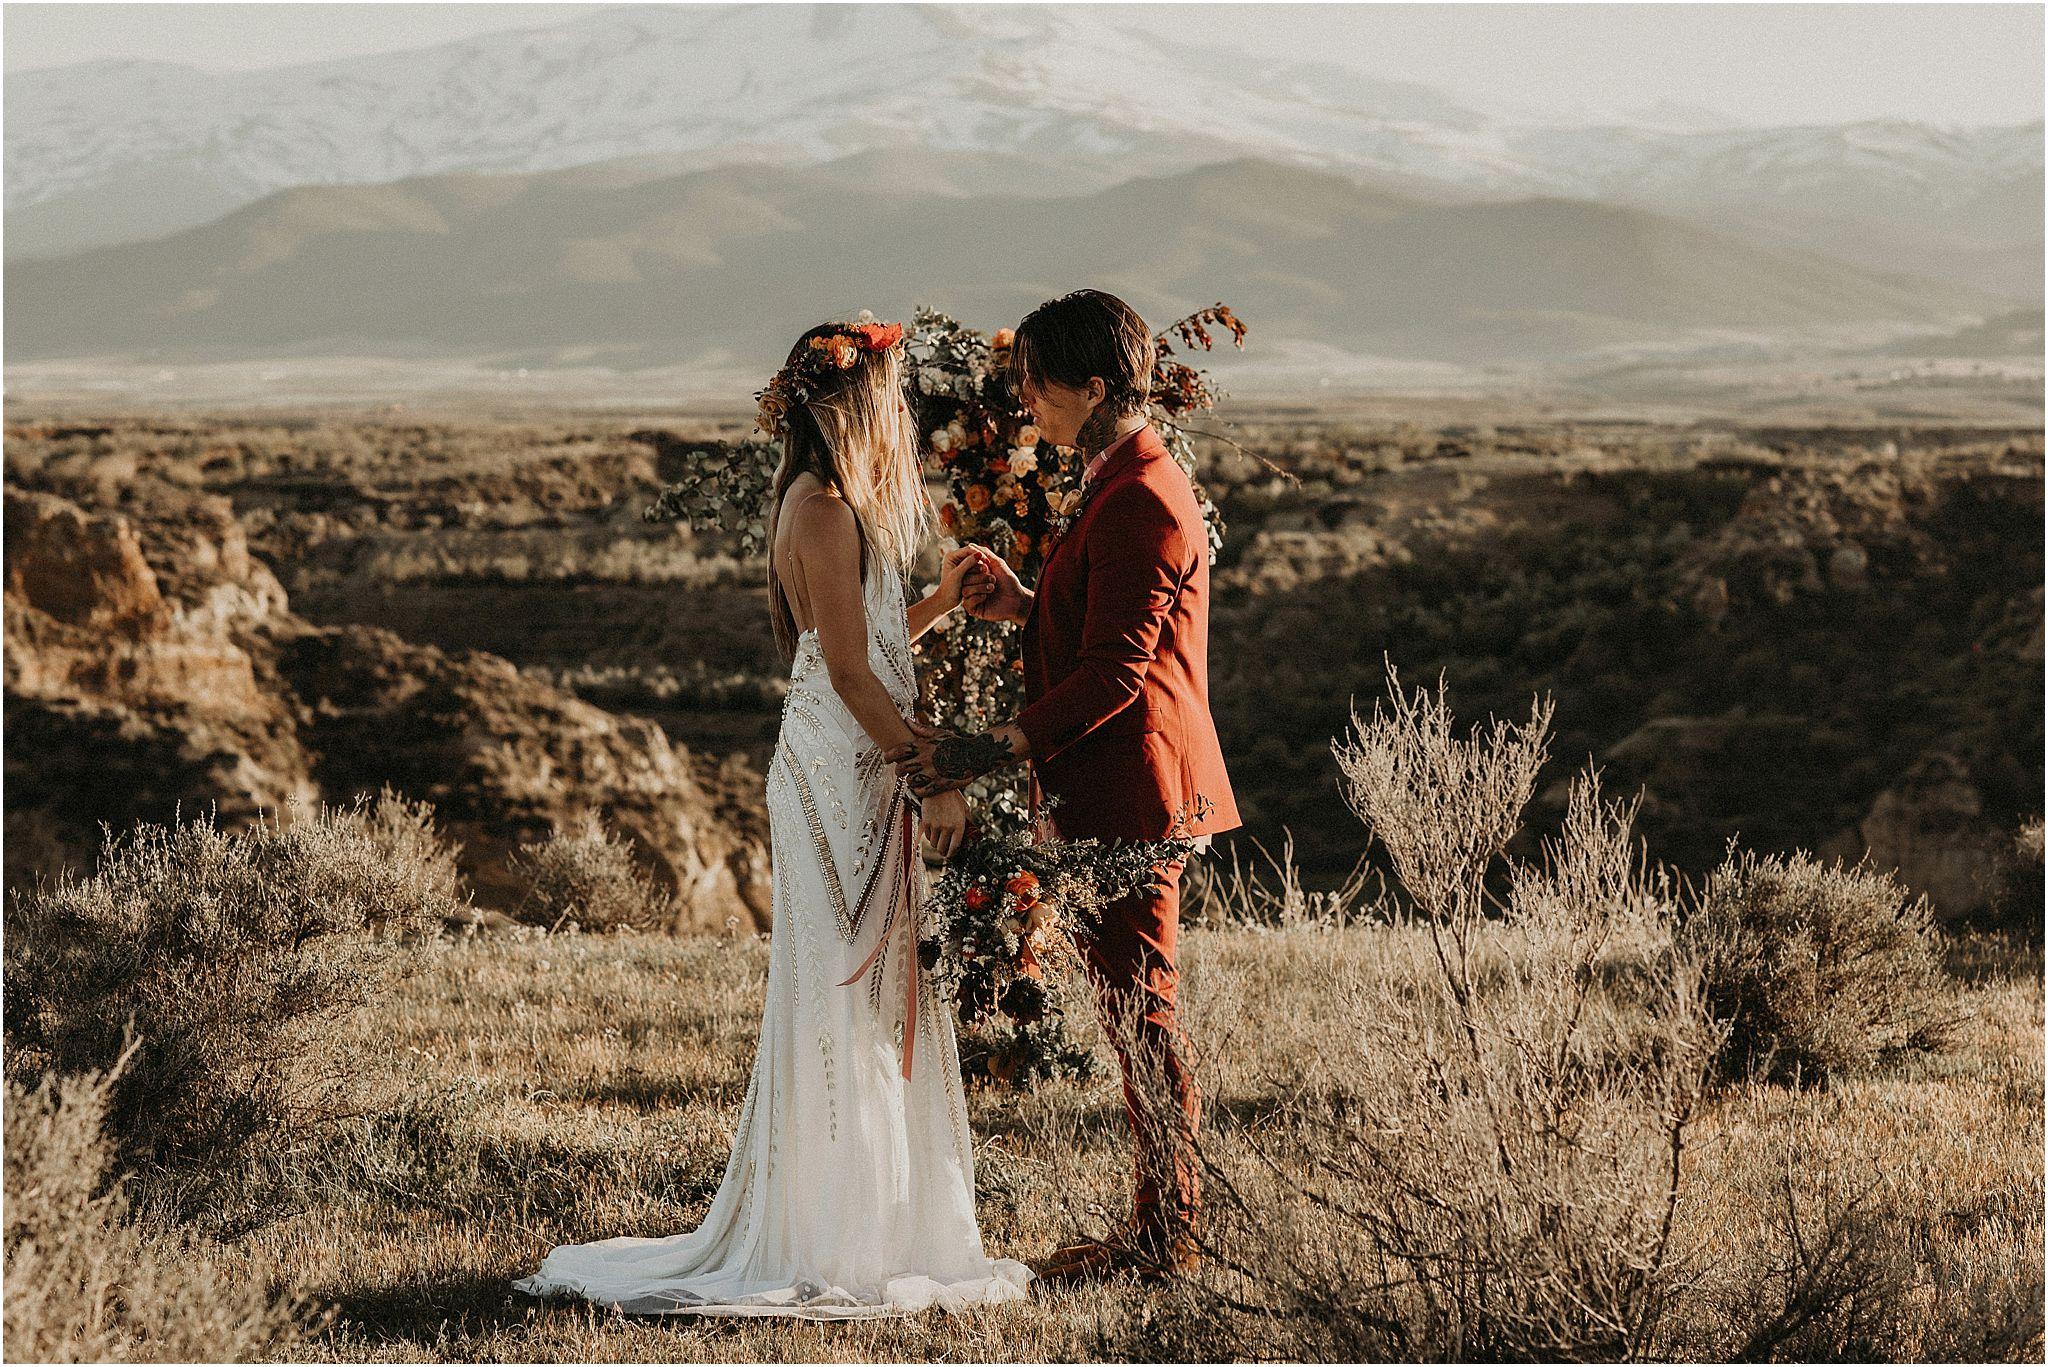 Indie wedding in Spain 22.jpg